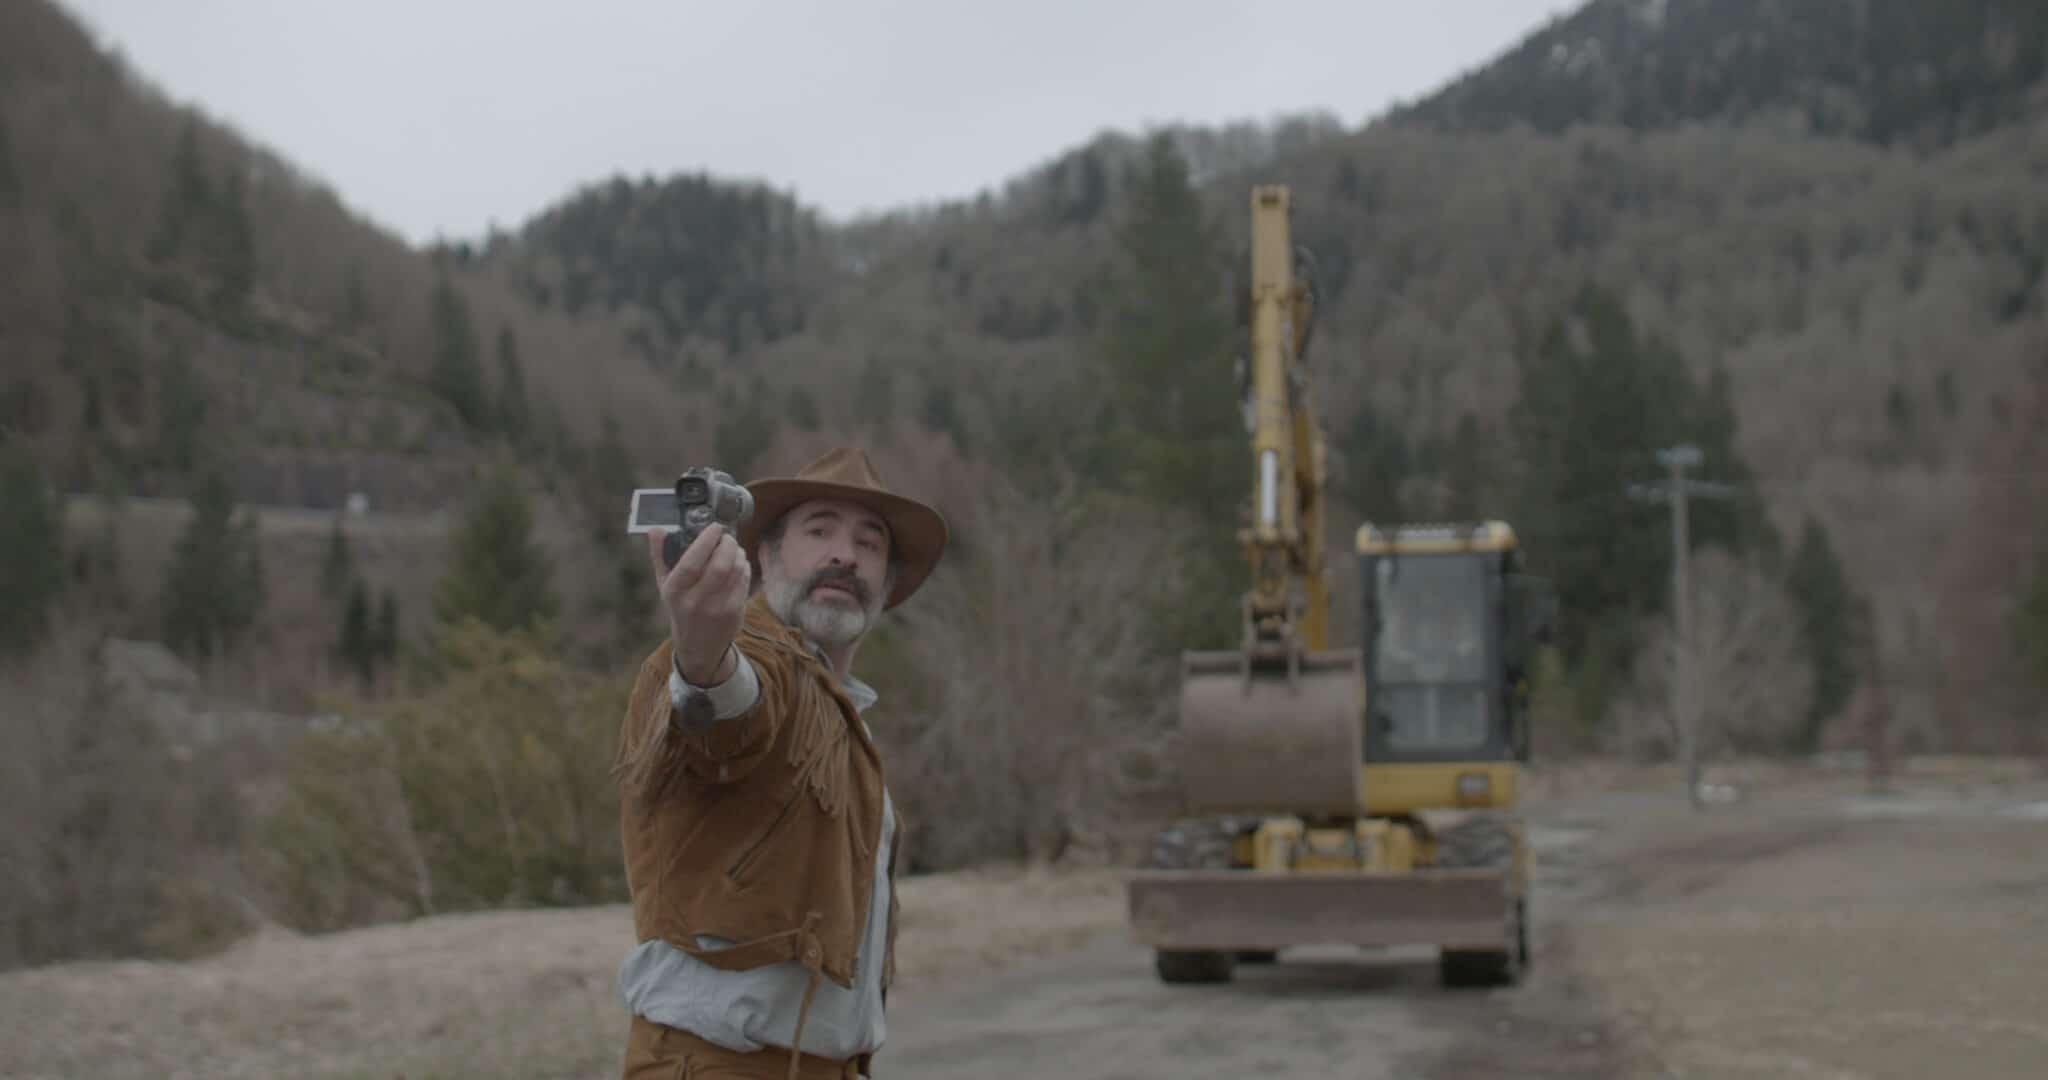 Georges (Jean Dujardin) filmt sich in Monsieur Killerstyle selbst, die Wildlederjacke und der passende Hut müssen dabei immer im Bild sein. Im Hintergrund rollt ein Bagger heran, mit dessen Hilfe er alle Jacken des Dorfes verbuddelt.